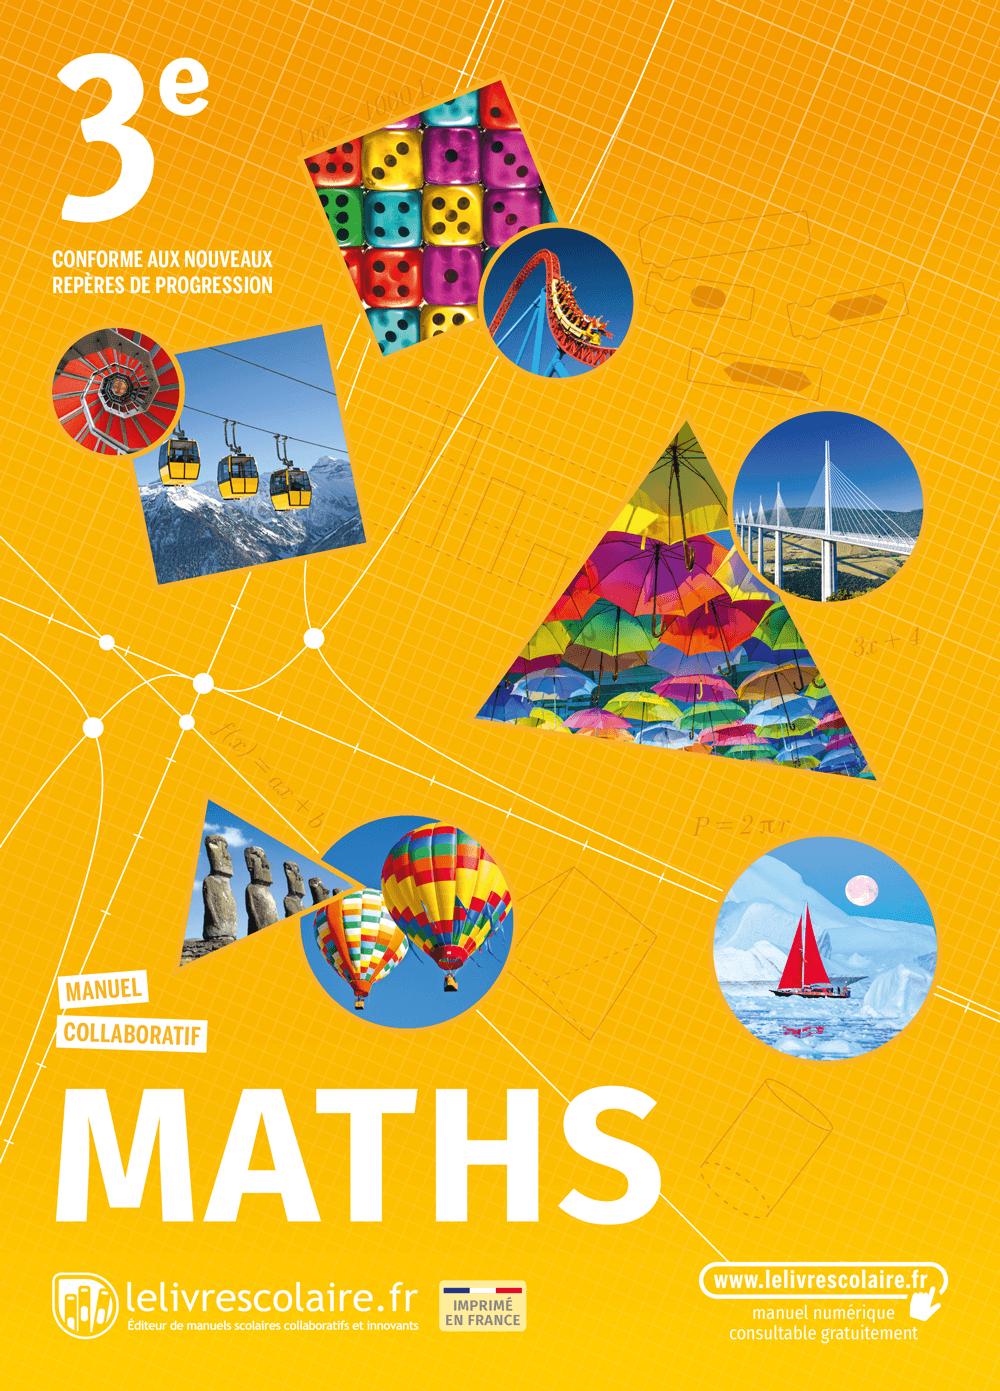 Couverture du manuel scolaire : Mathématiques 3e